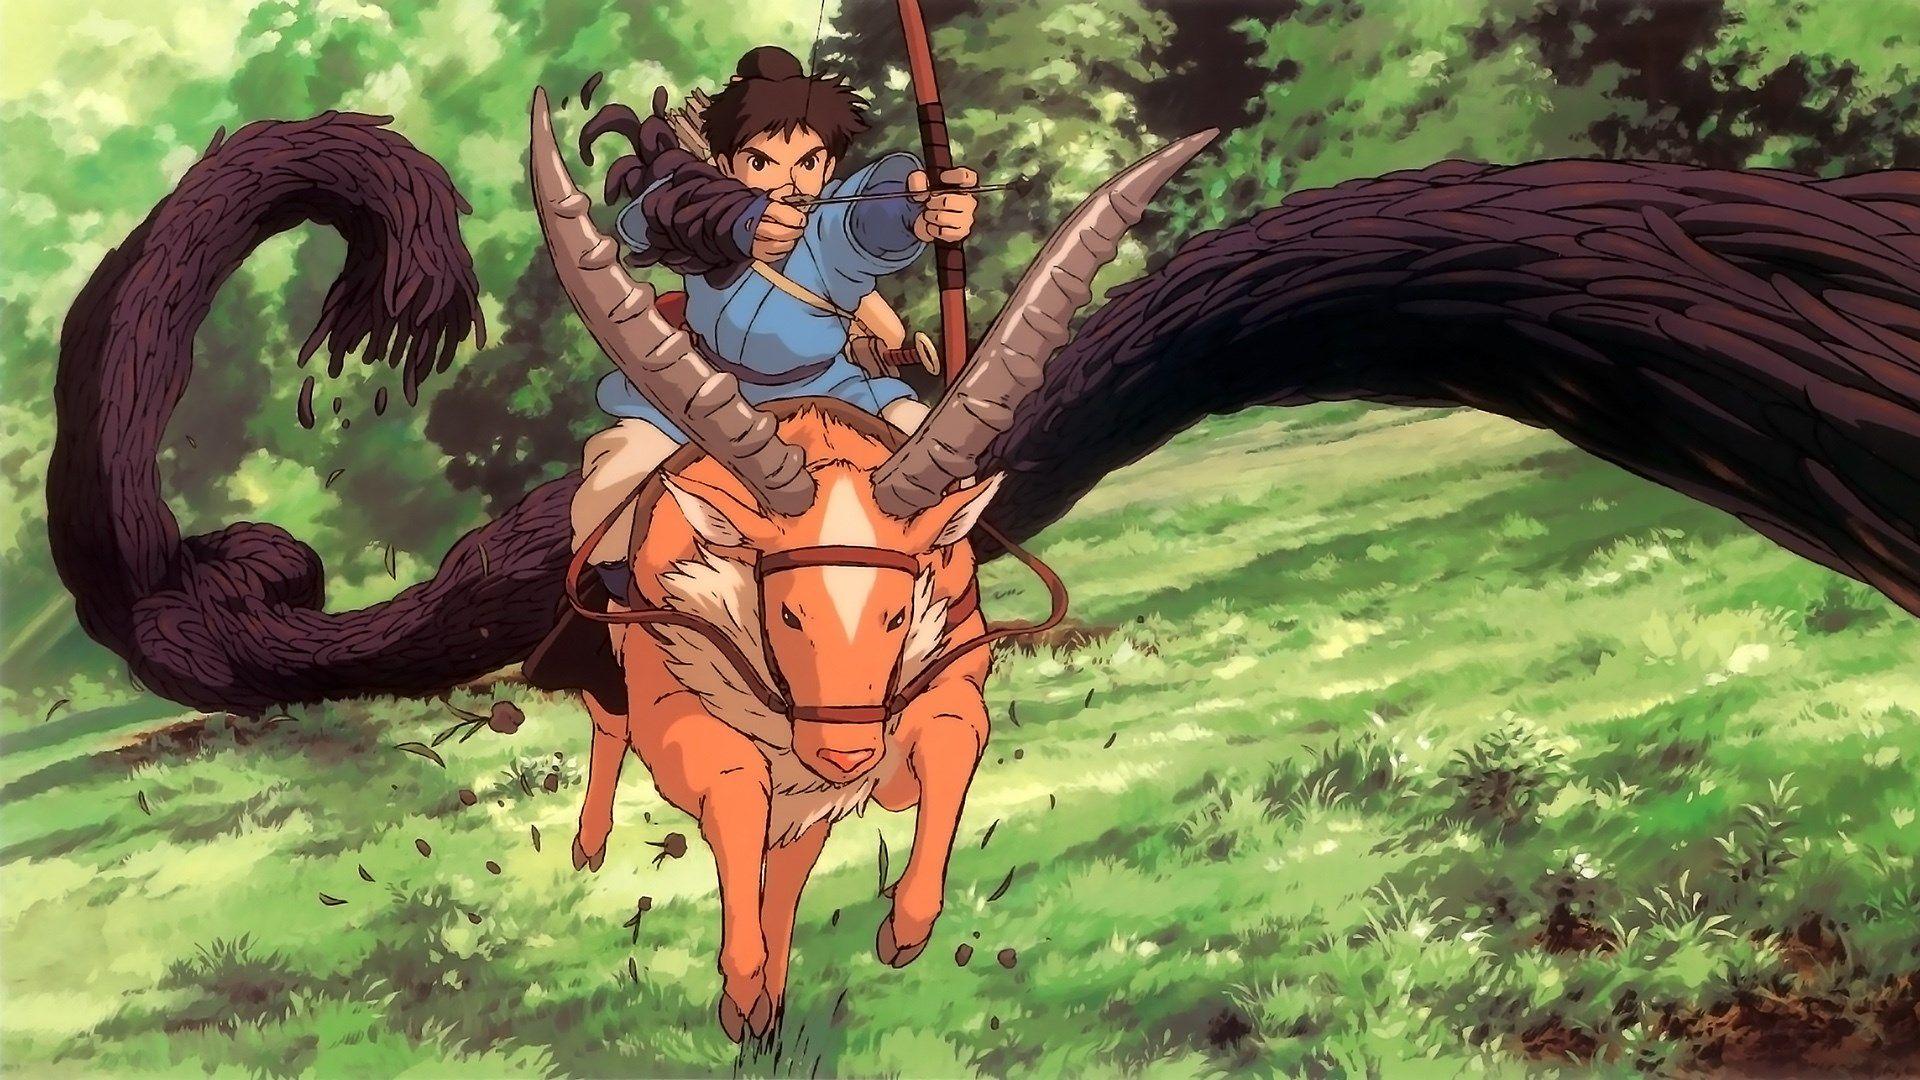 1920x1080 Wallpaper Desktop Princess Mononoke Studio Ghibli Art Studio Ghibli Studio Ghibli Movies